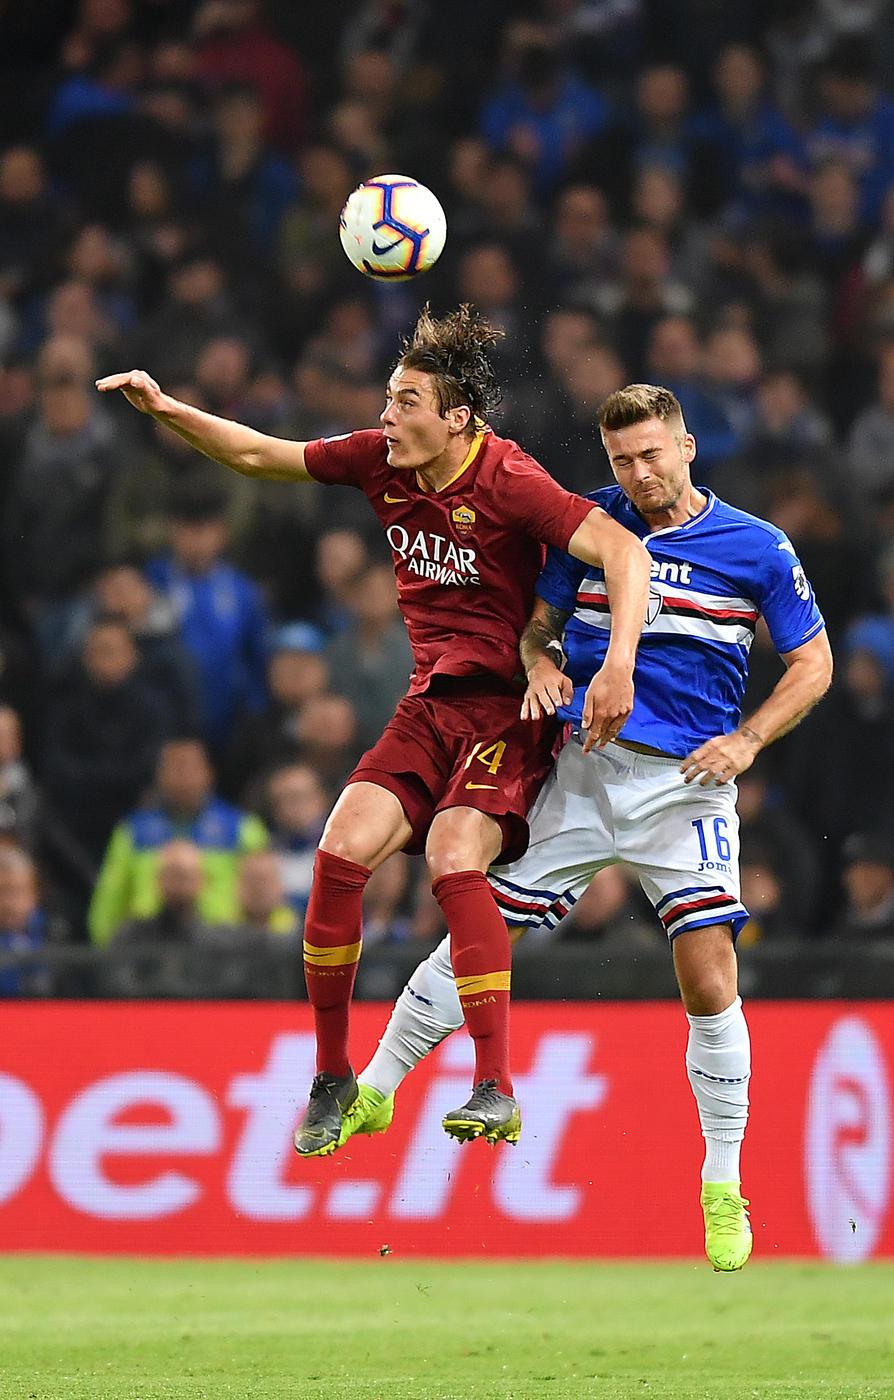 Sampdoria-Roma in foto